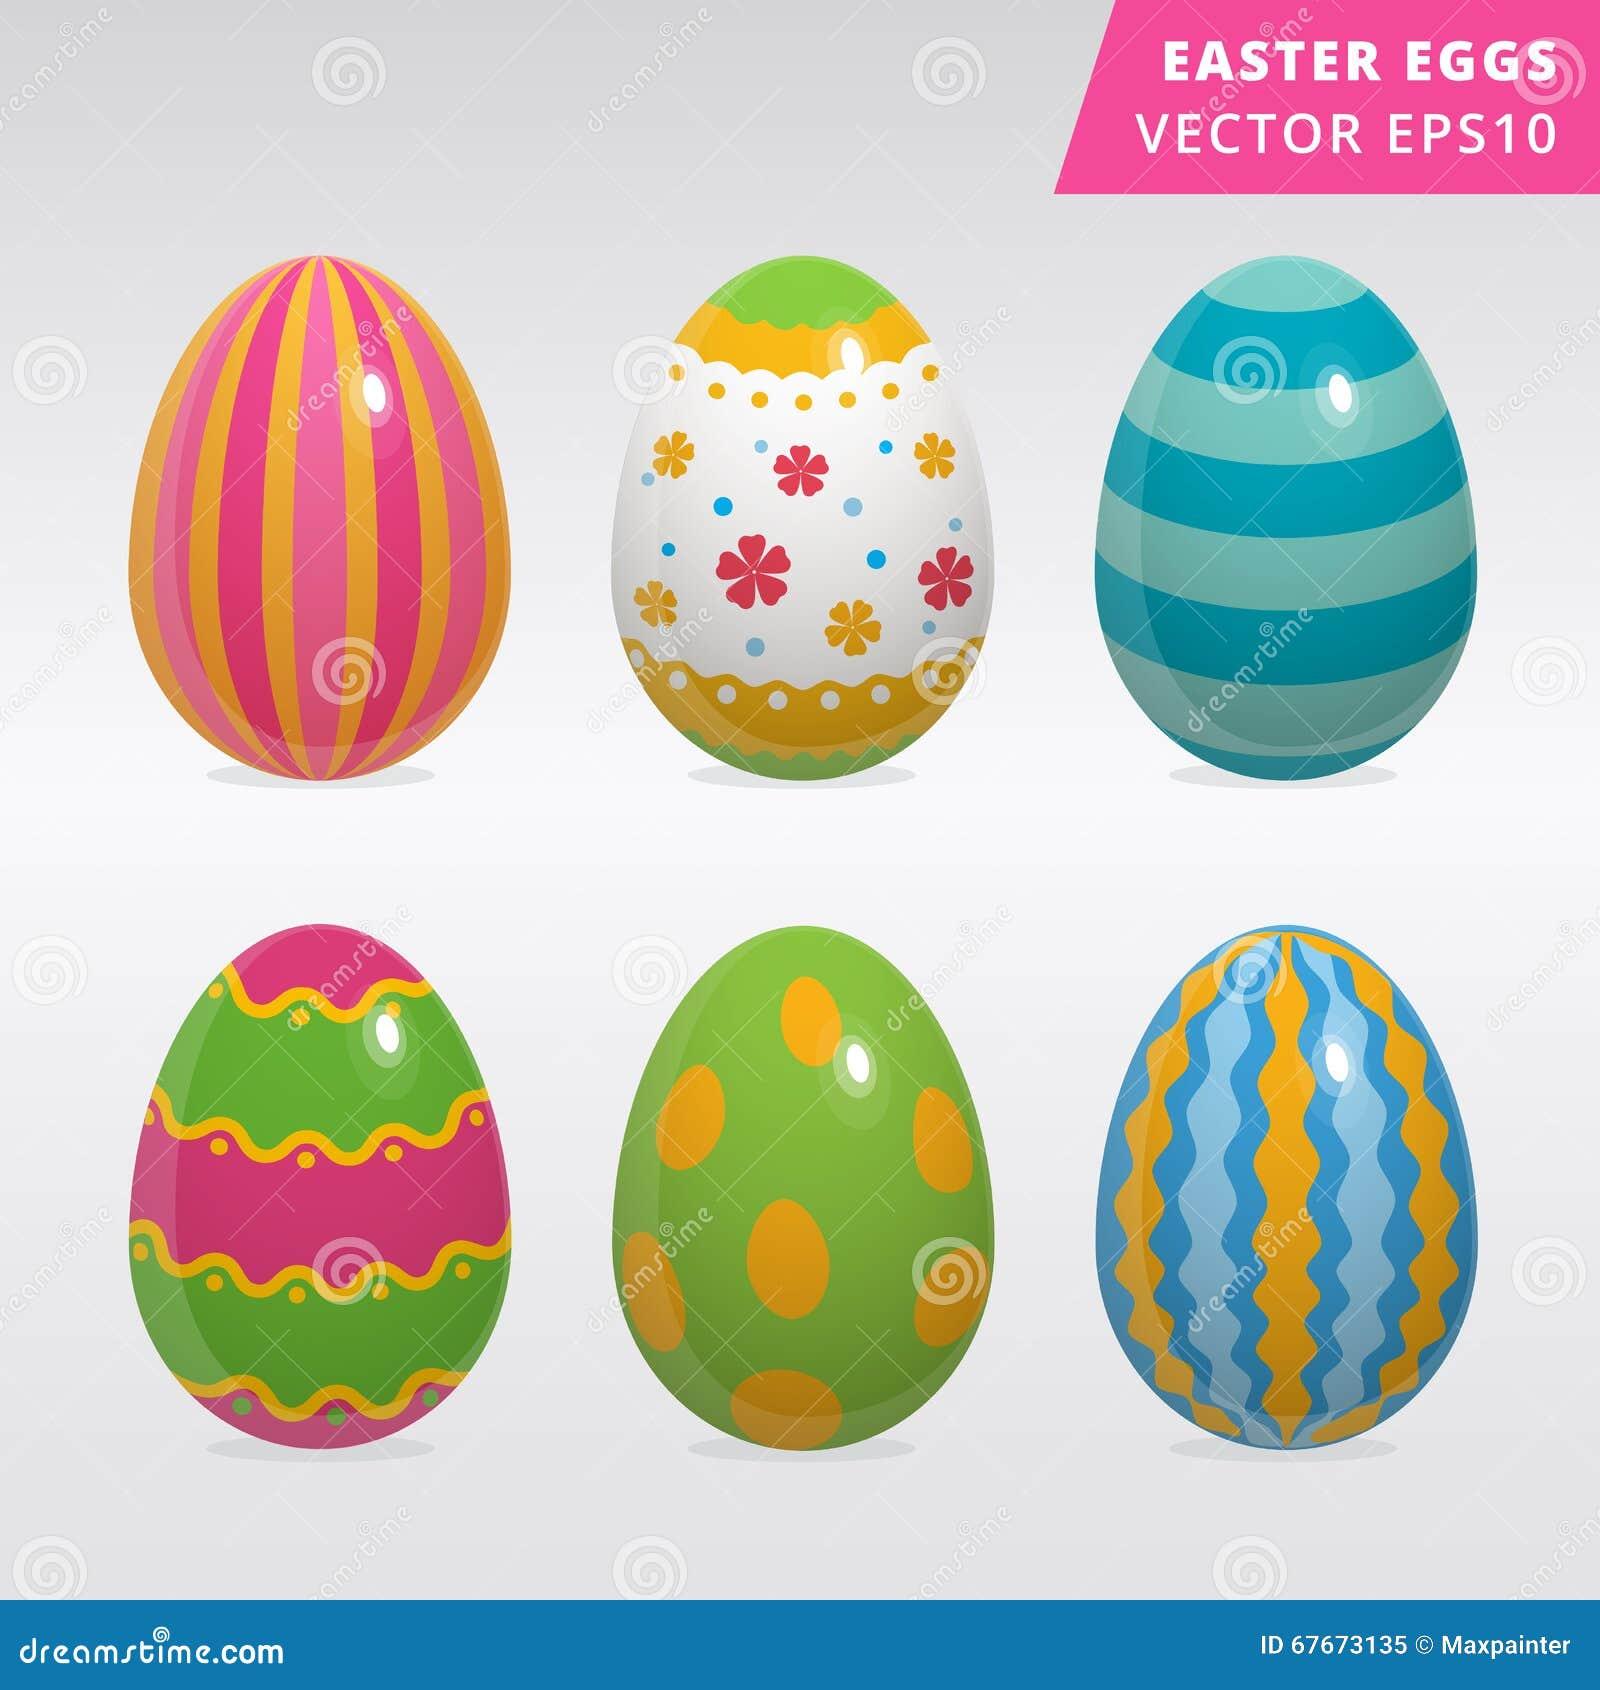 Easy Easter Egg Design Images